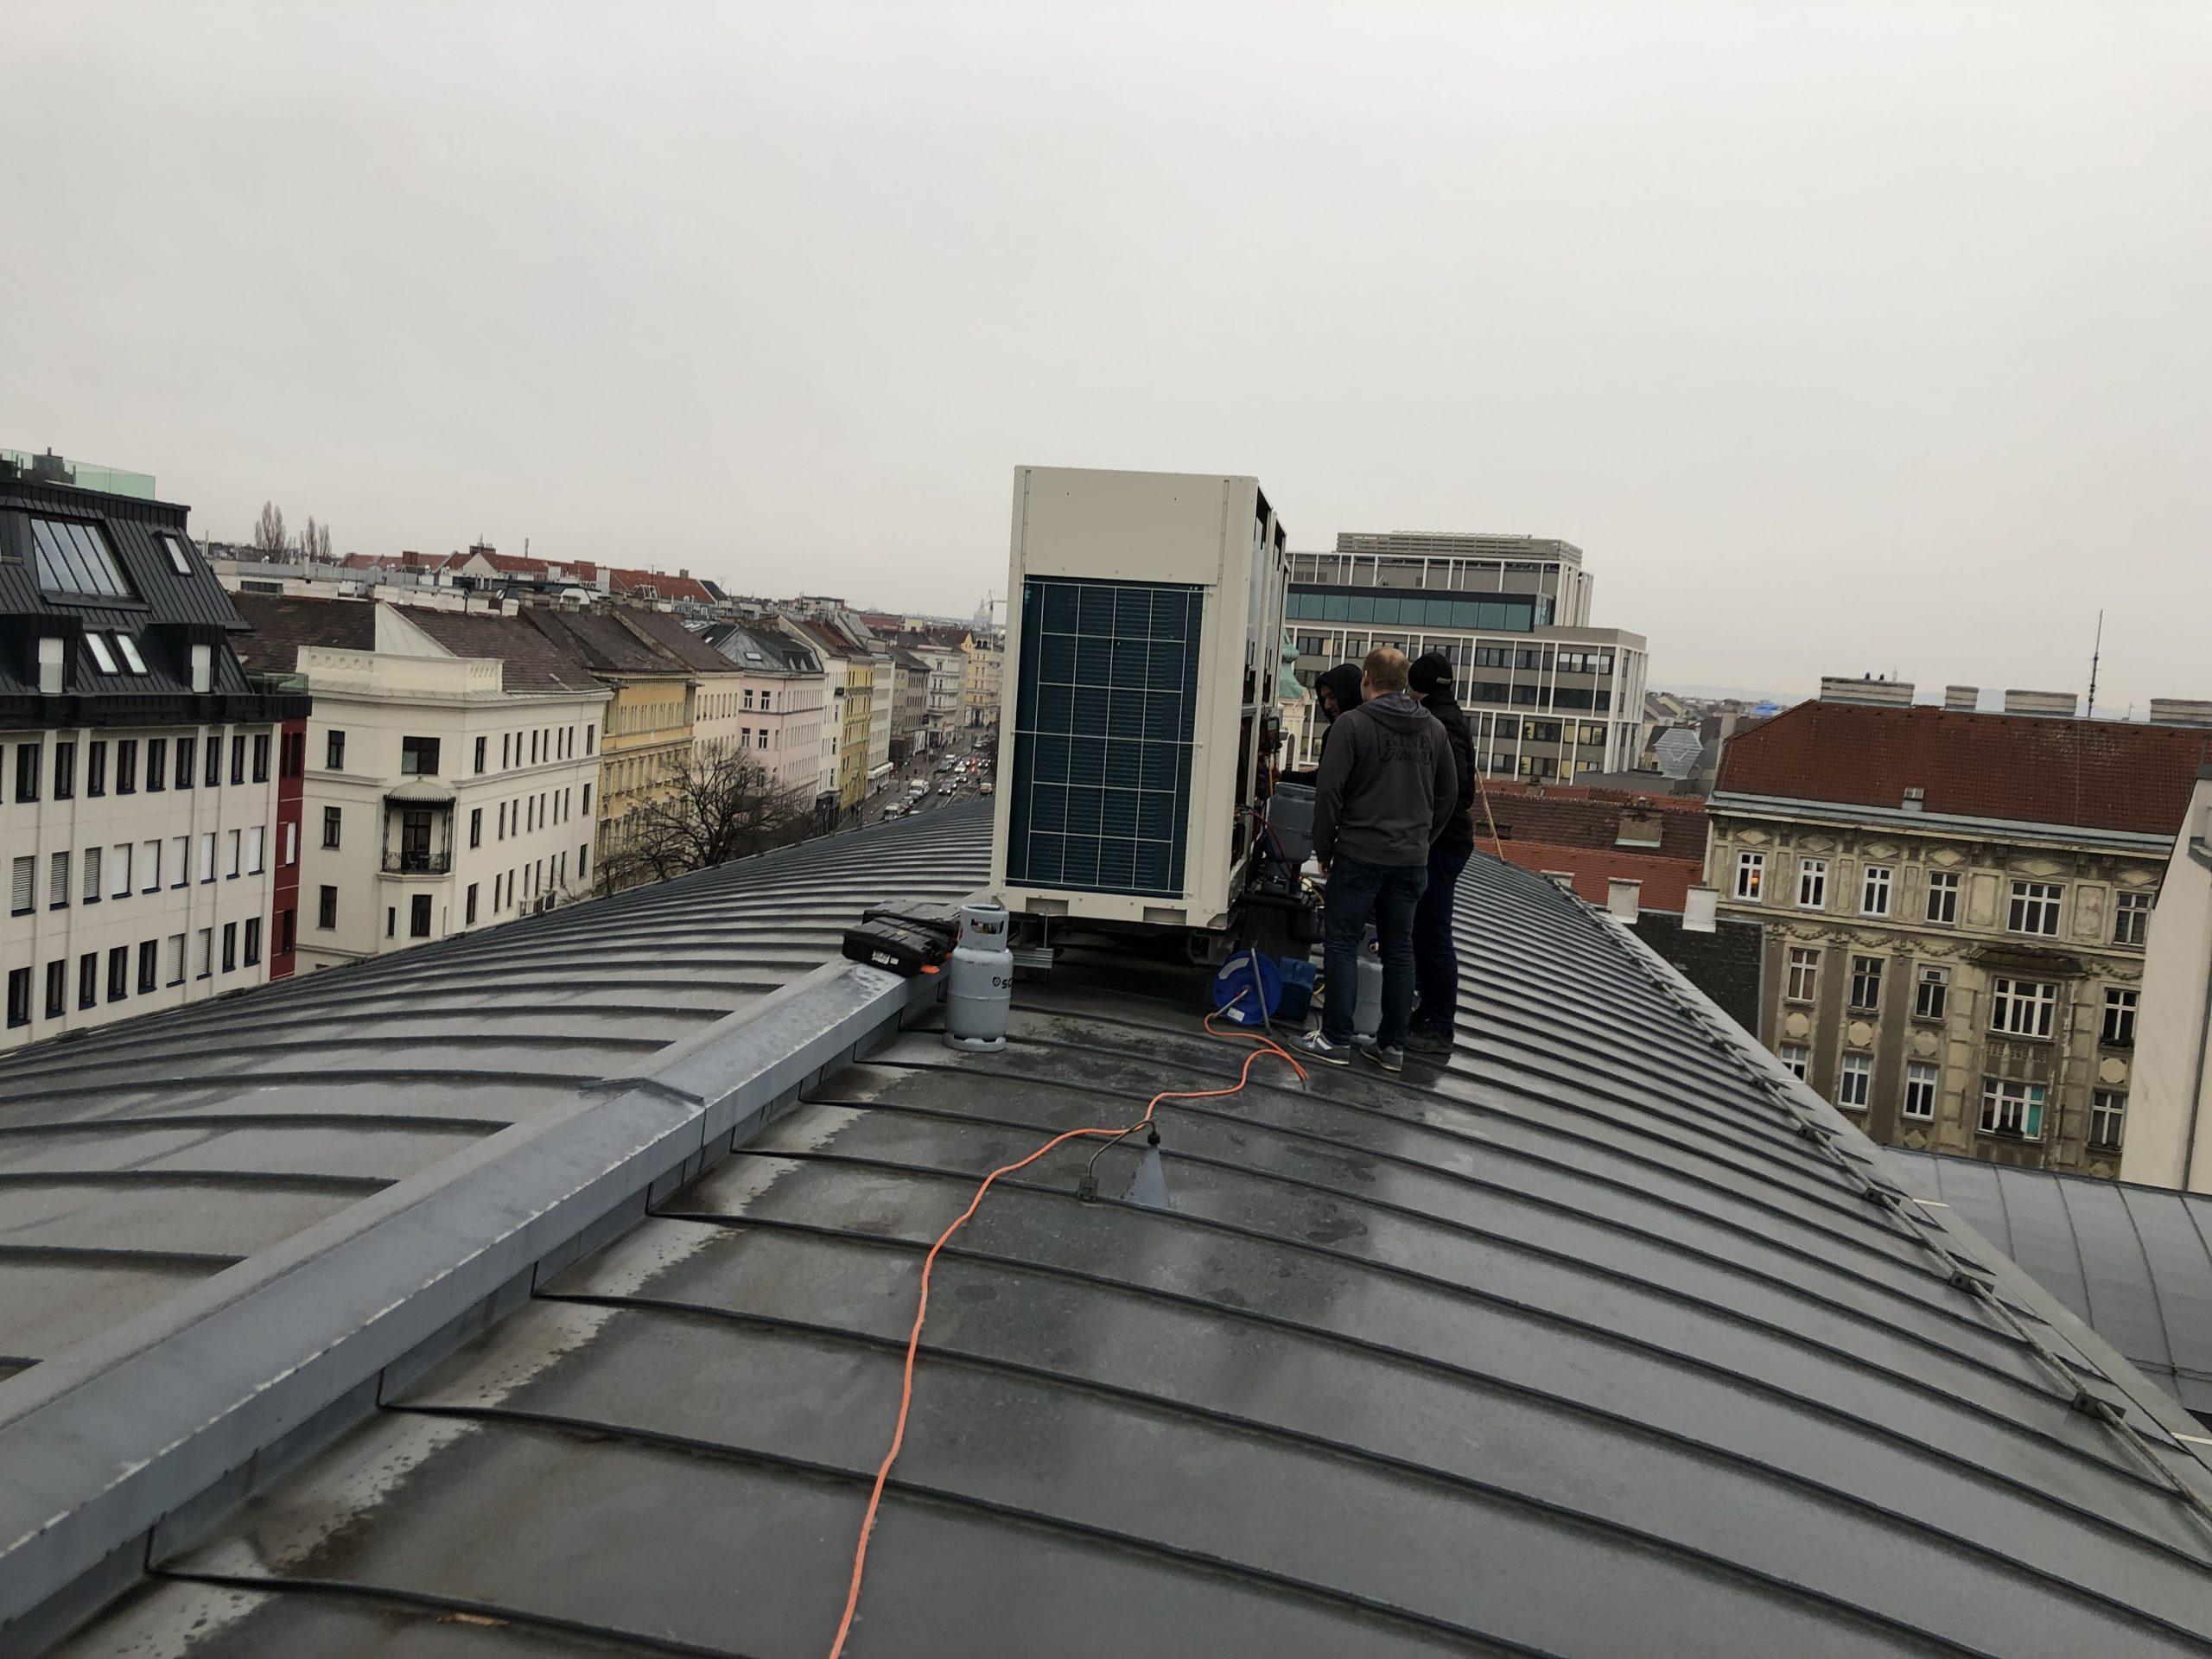 Klimaanlage am Dach